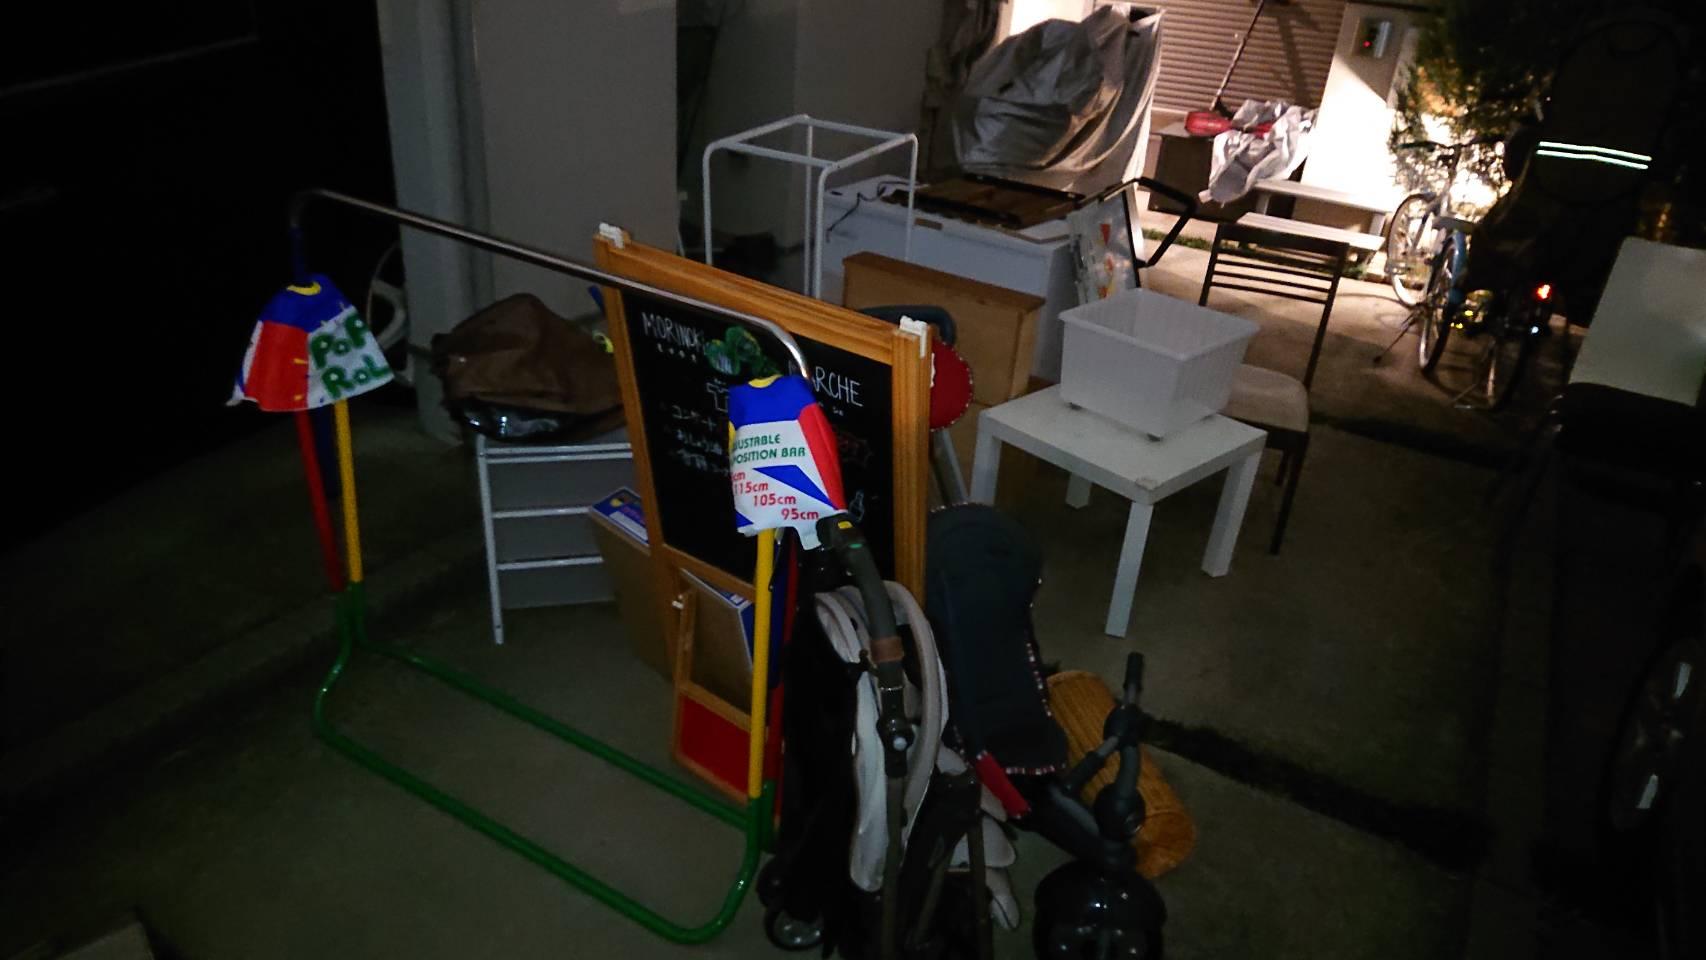 ベビーカー、物干し台などの不用品の回収前